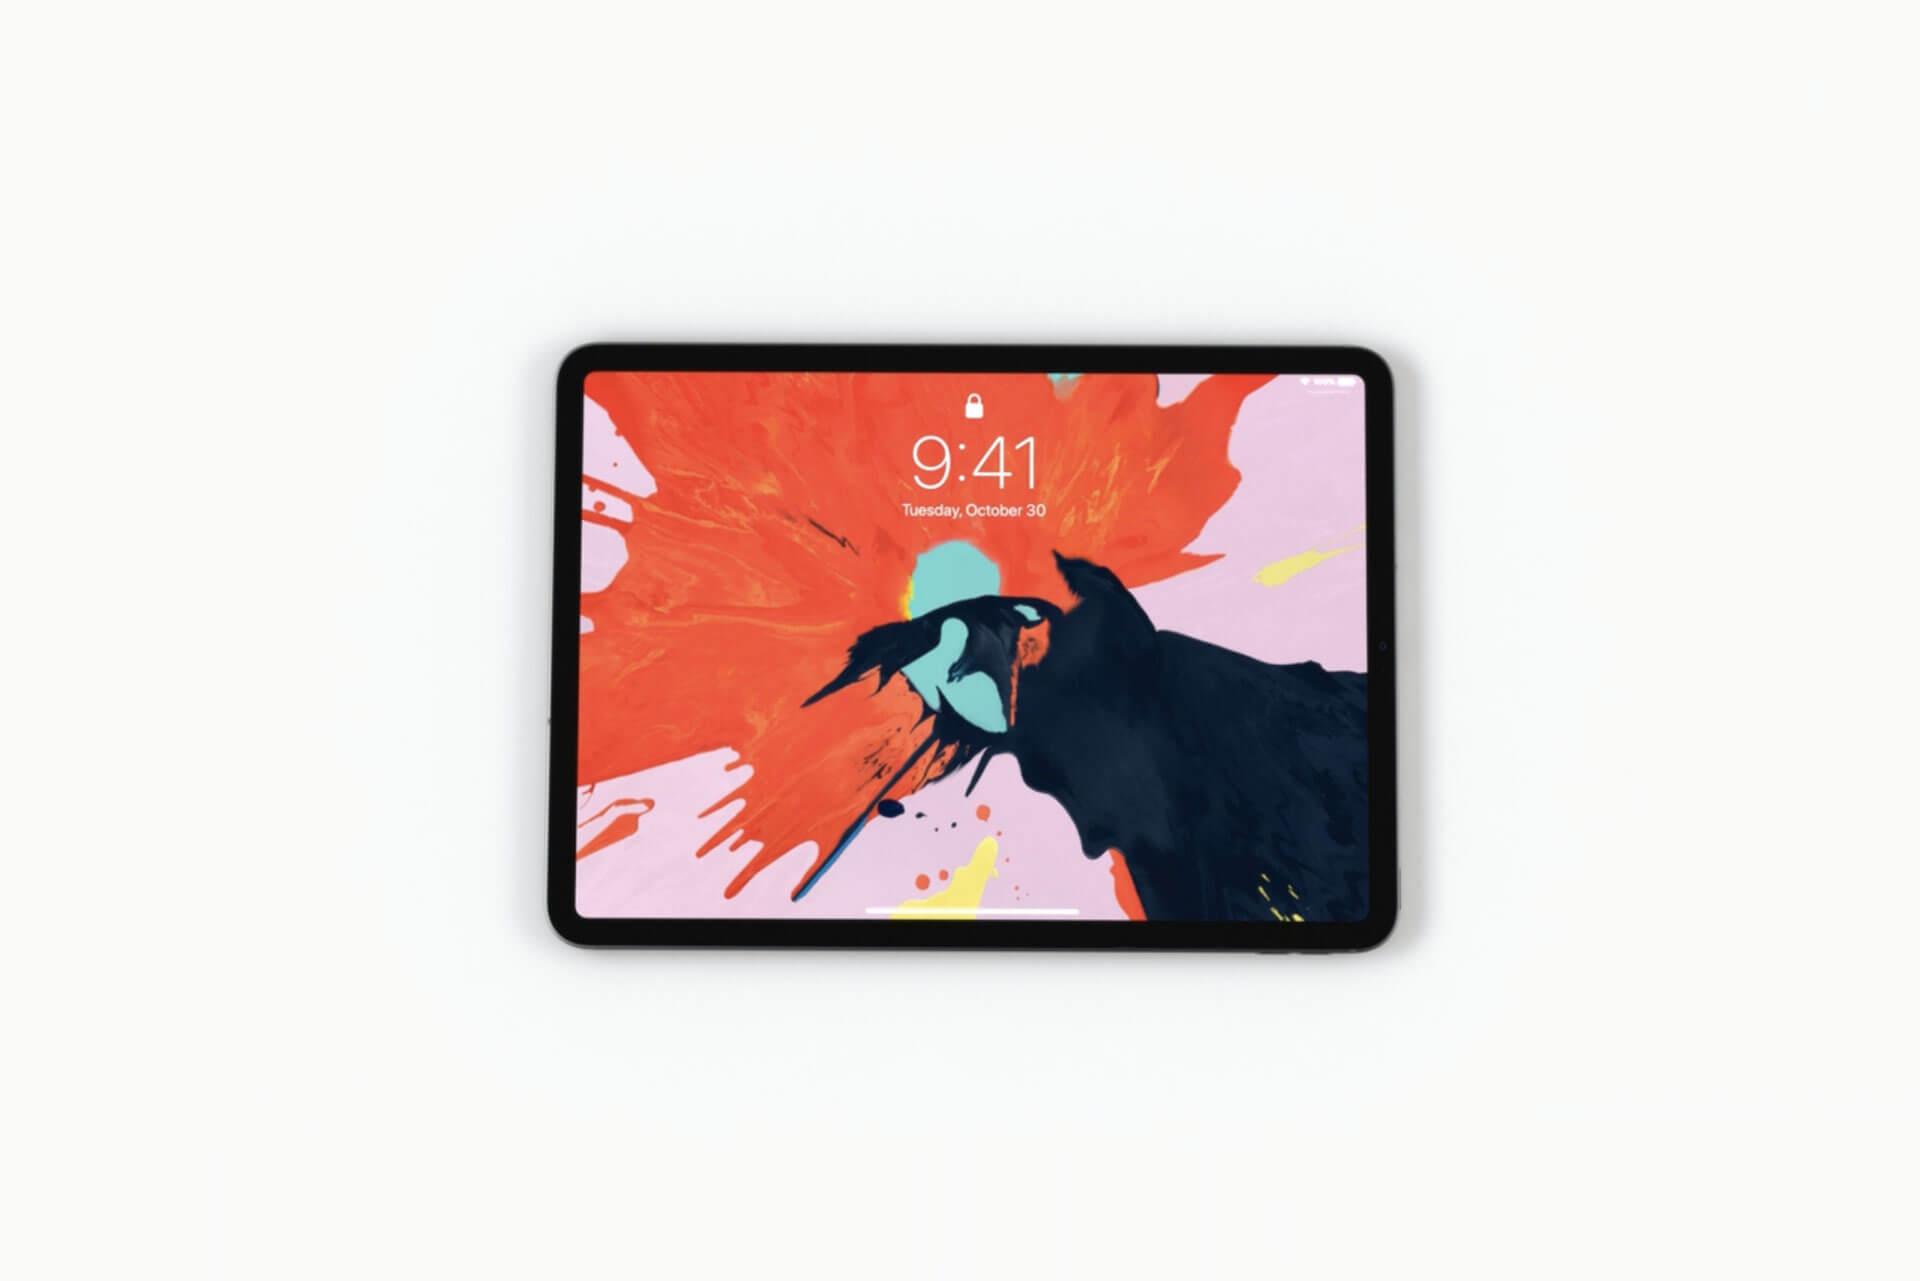 ドコモ 新しいiPad Pro(第3世代) 本体価格 月額料金